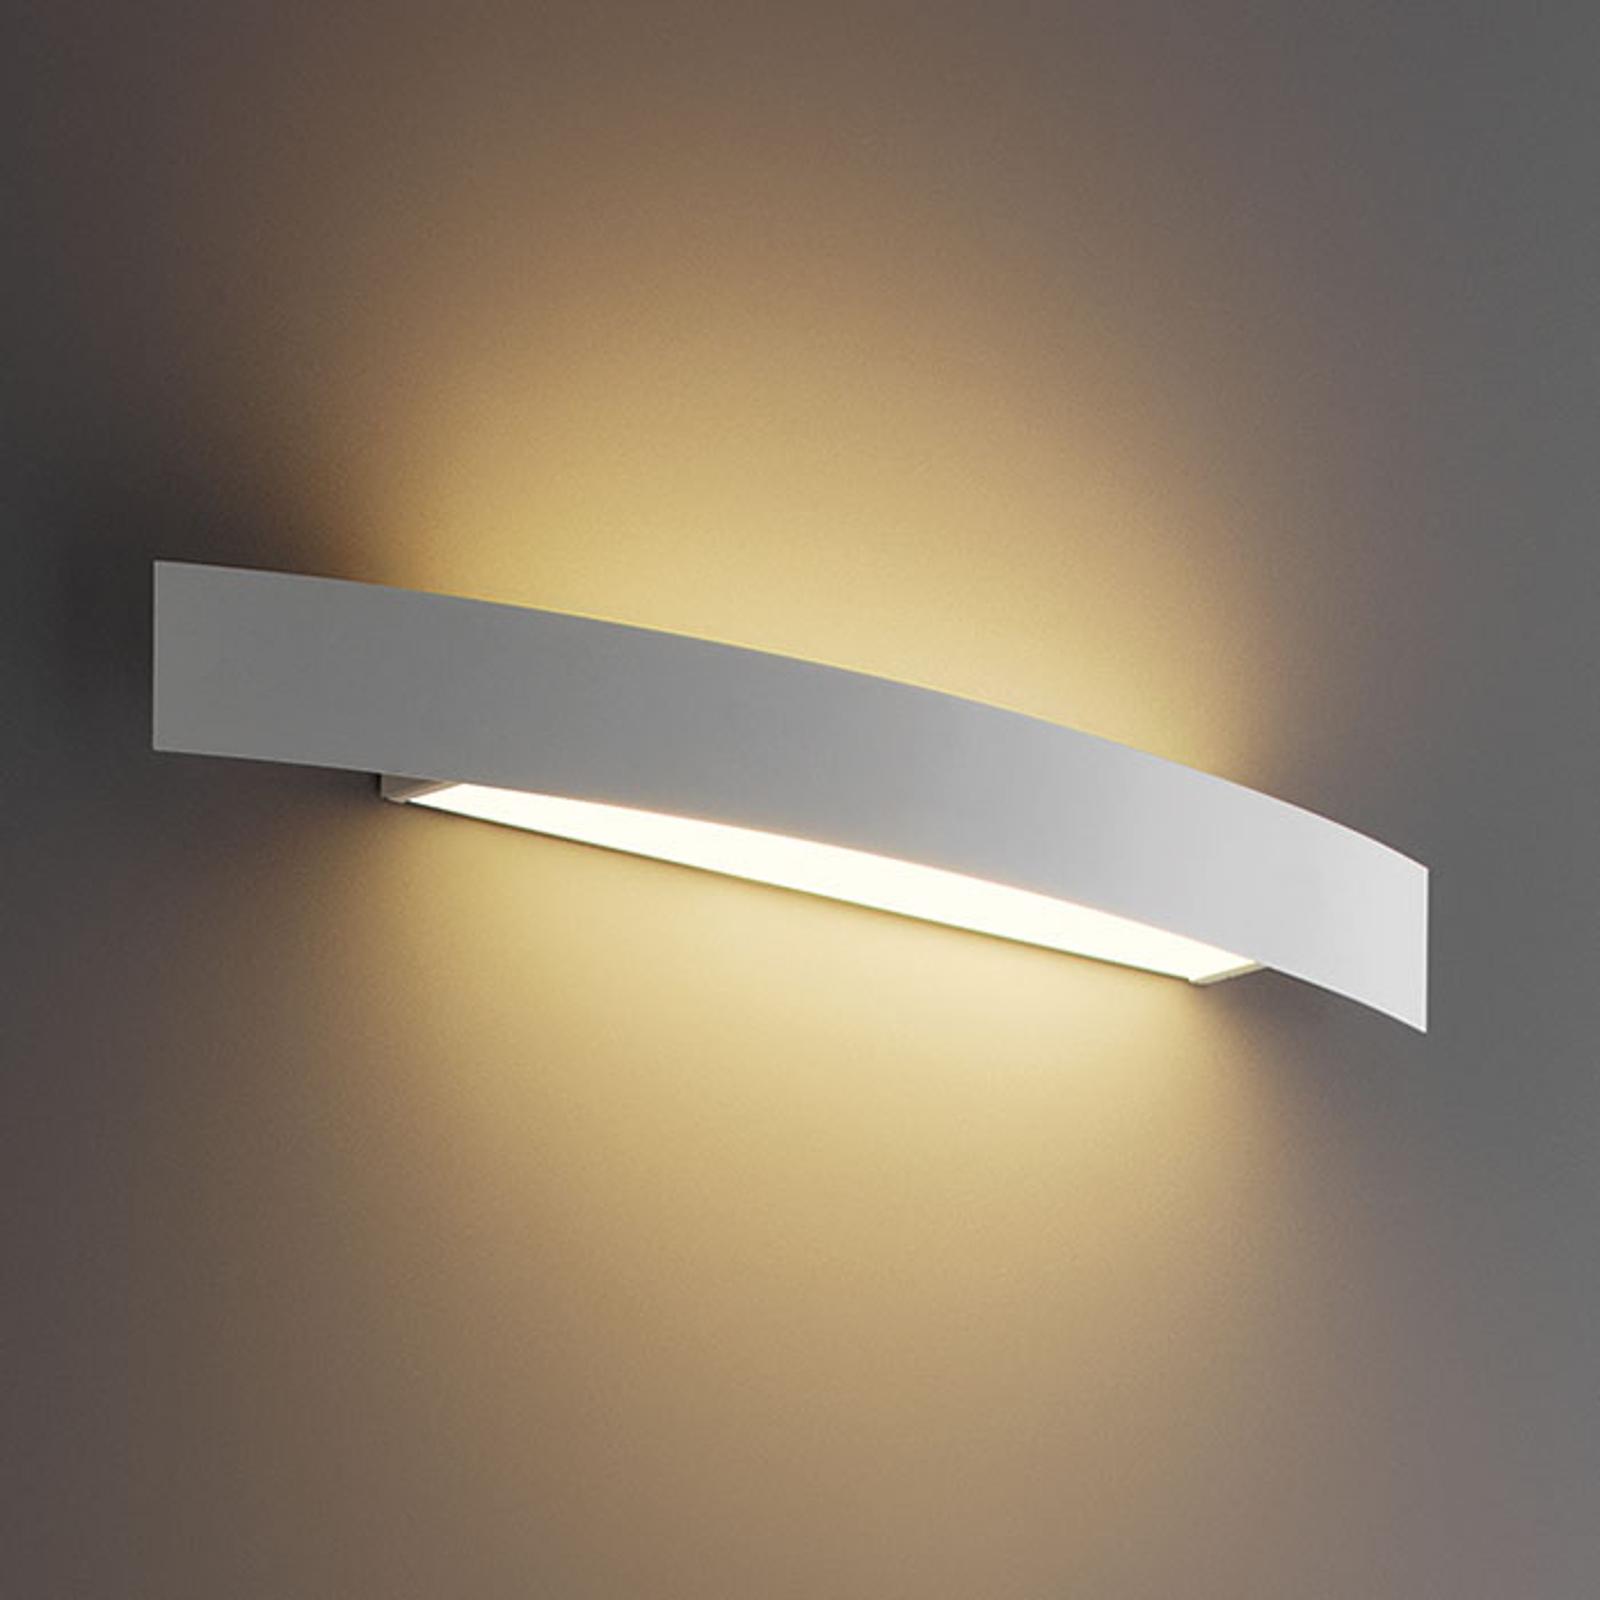 Najwyższej jakości kinkiet LED Ryga